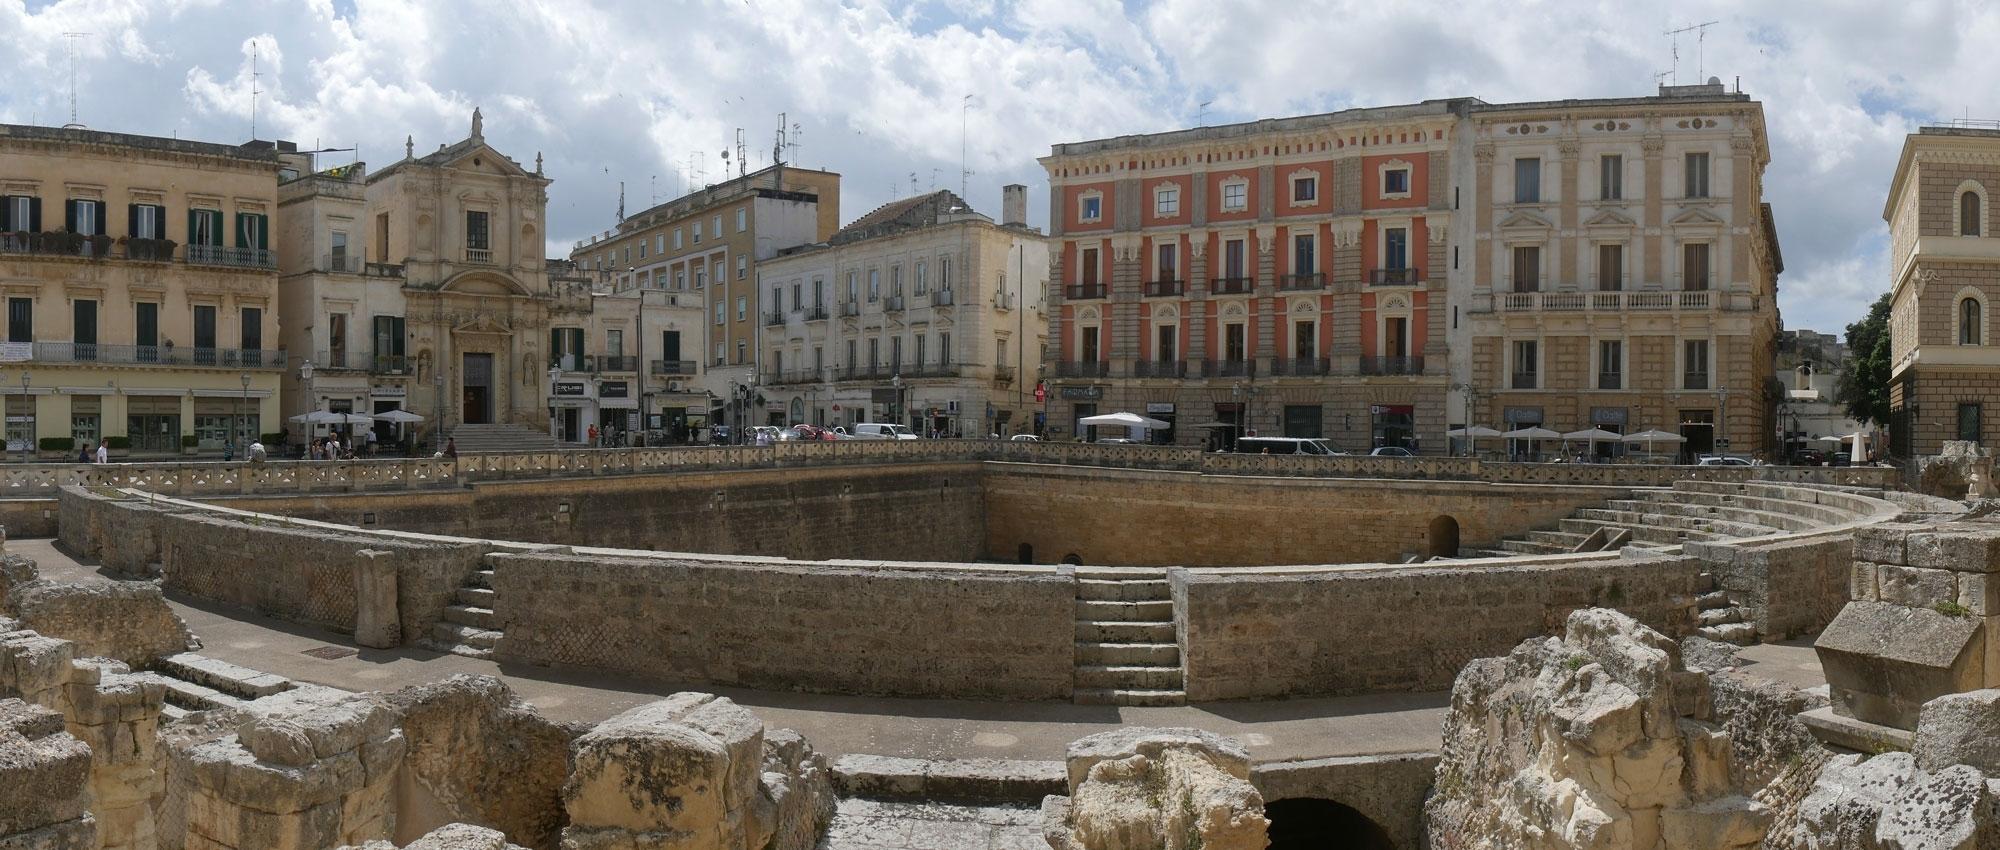 Luxury Car Hire Lecce